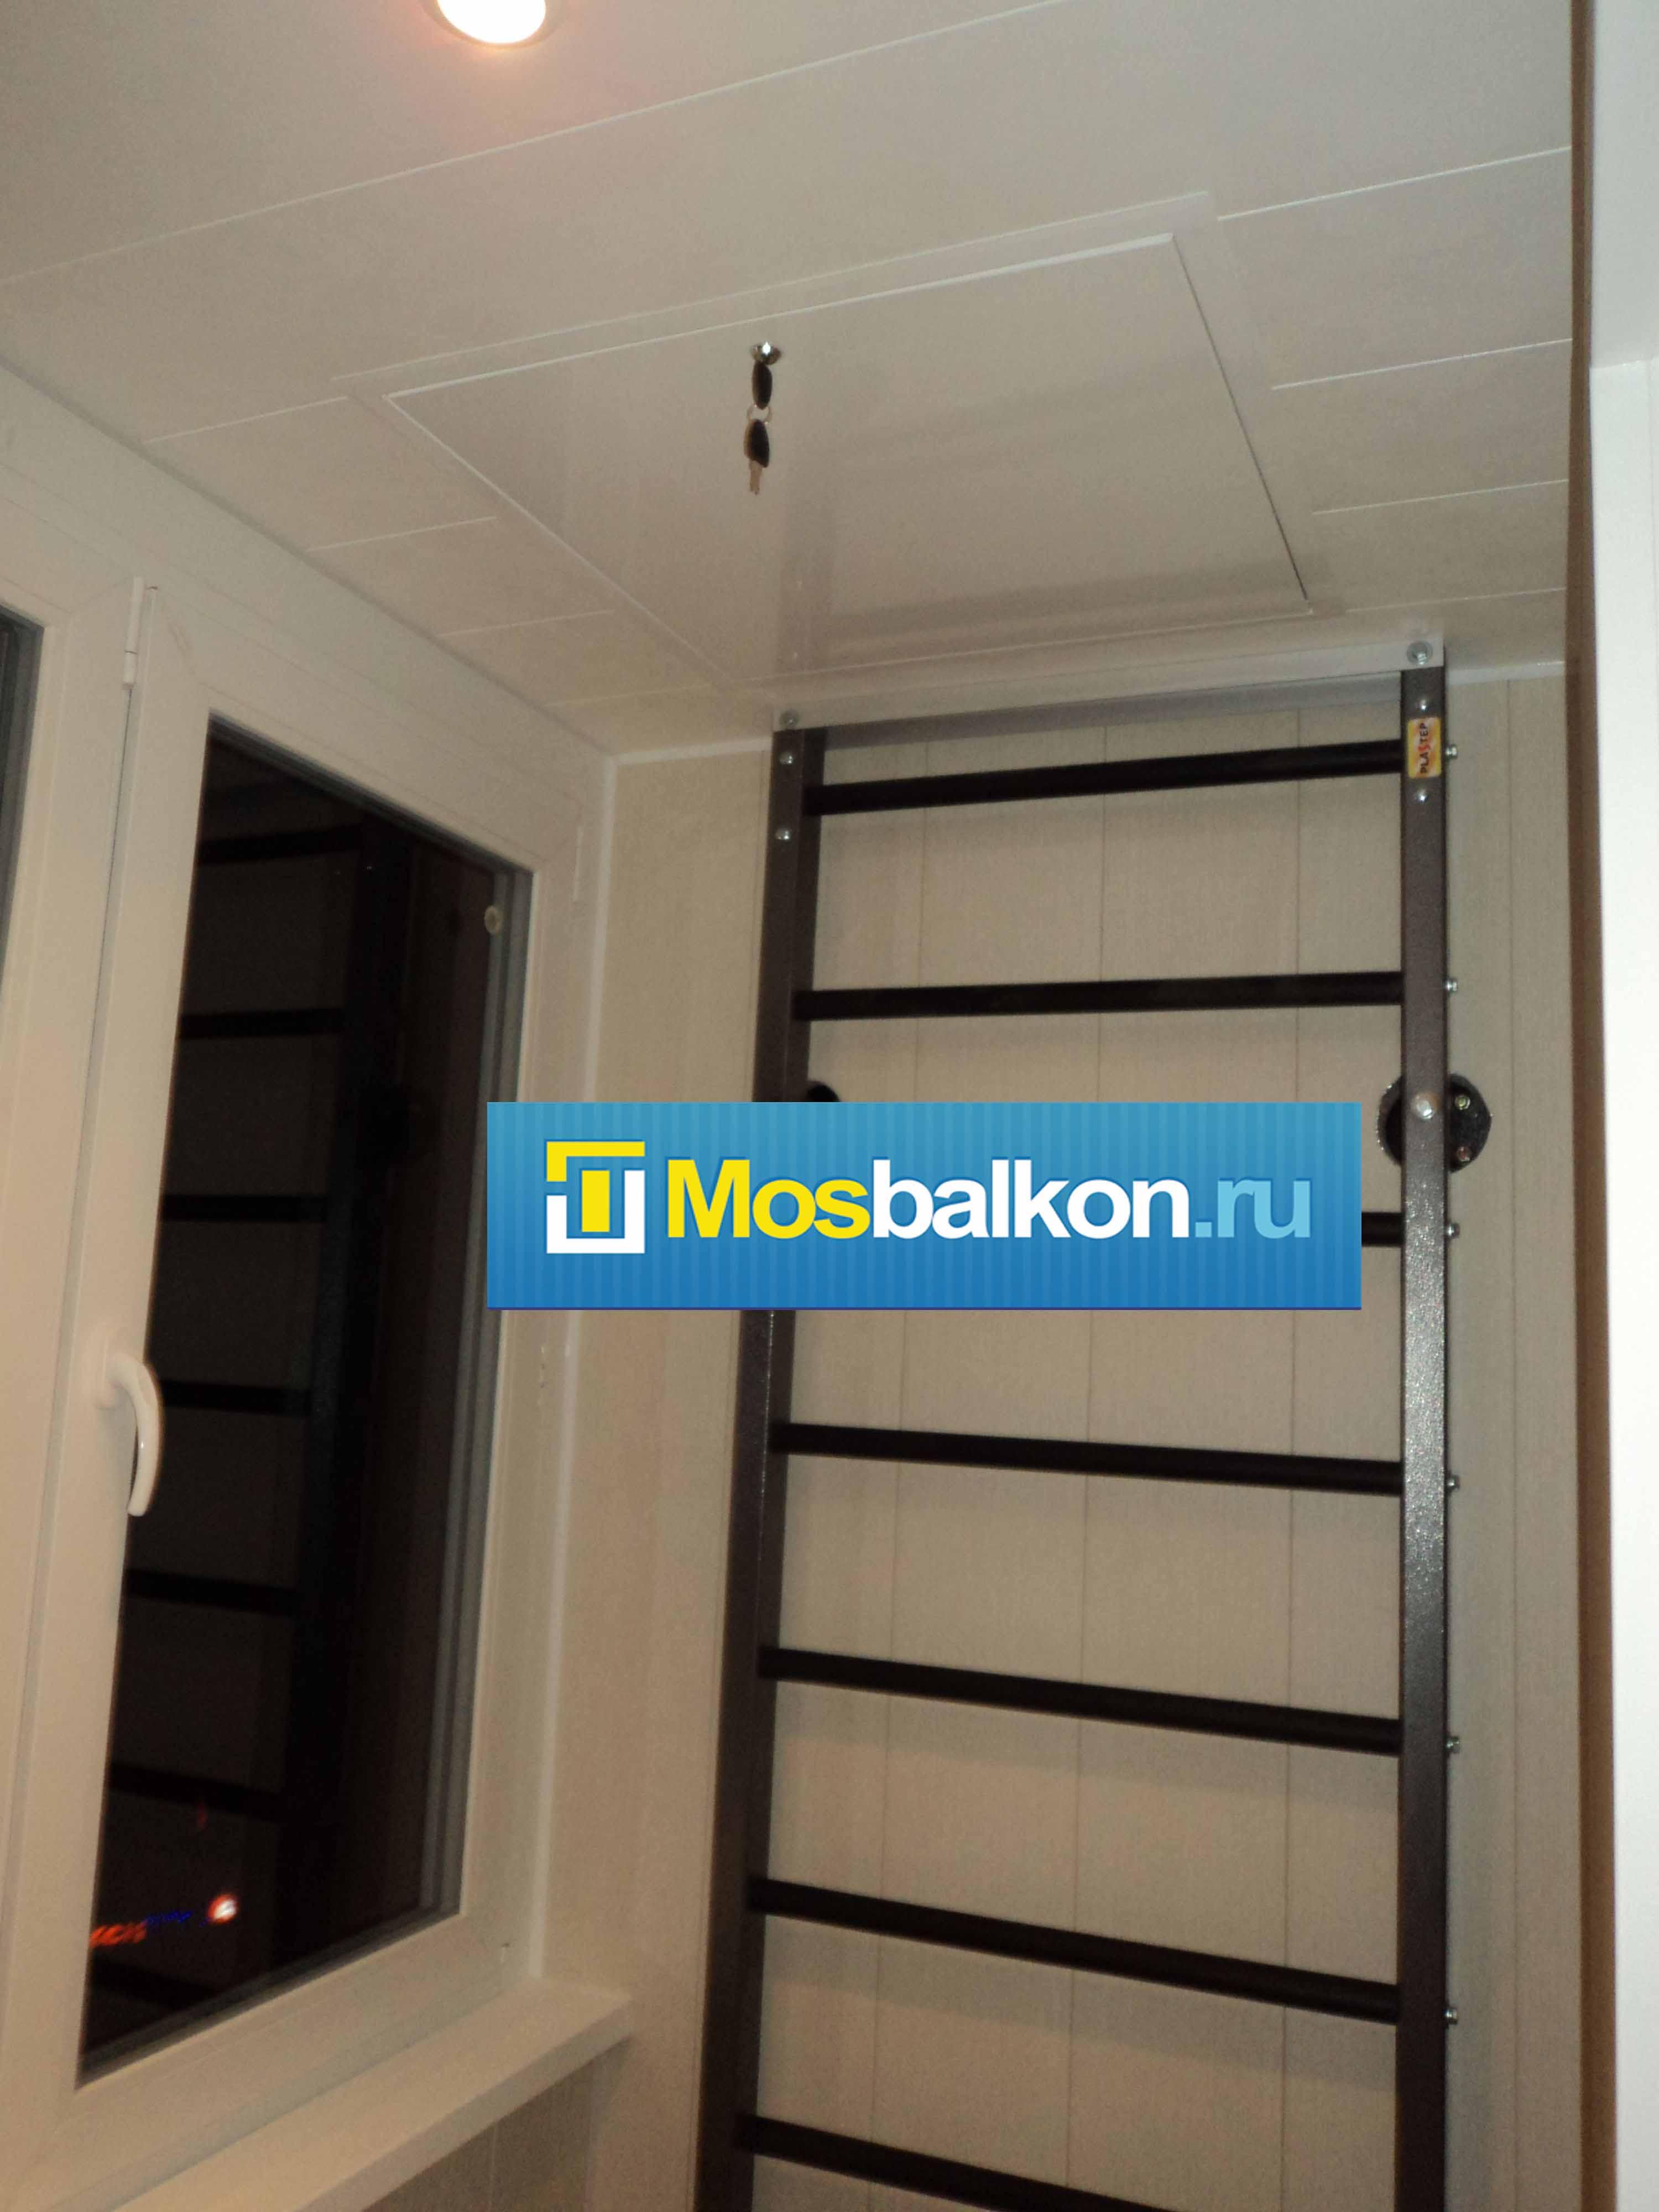 Лестница на балконе дизайн. - мои статьи - каталог статей - .